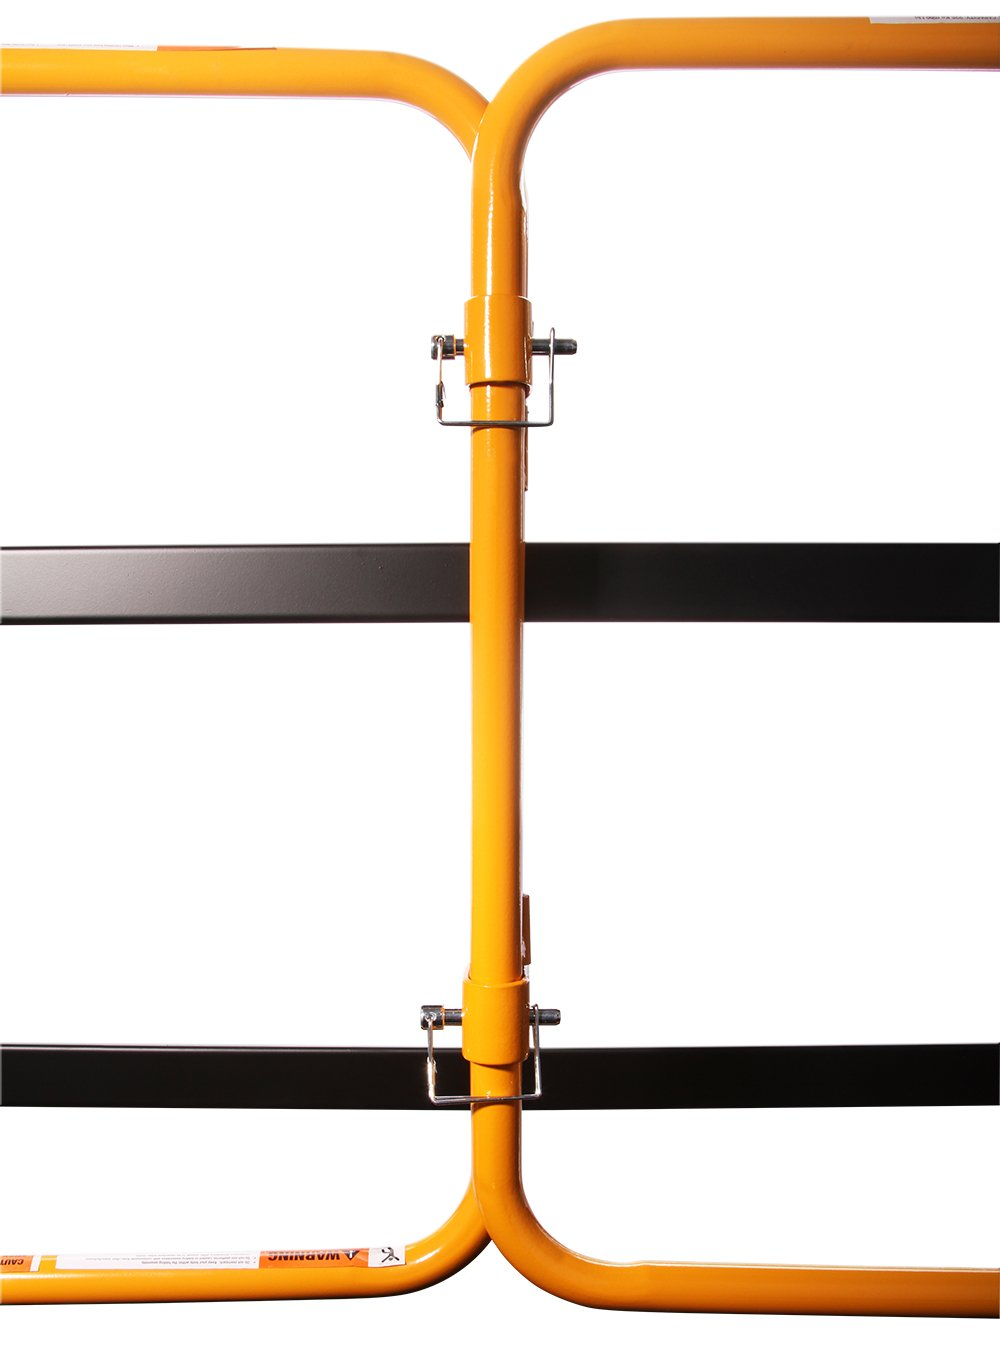 Abzweigmuffe Typ T2V Hauptkabel und Abzweigkabel max 5 x 16mm² 133.024